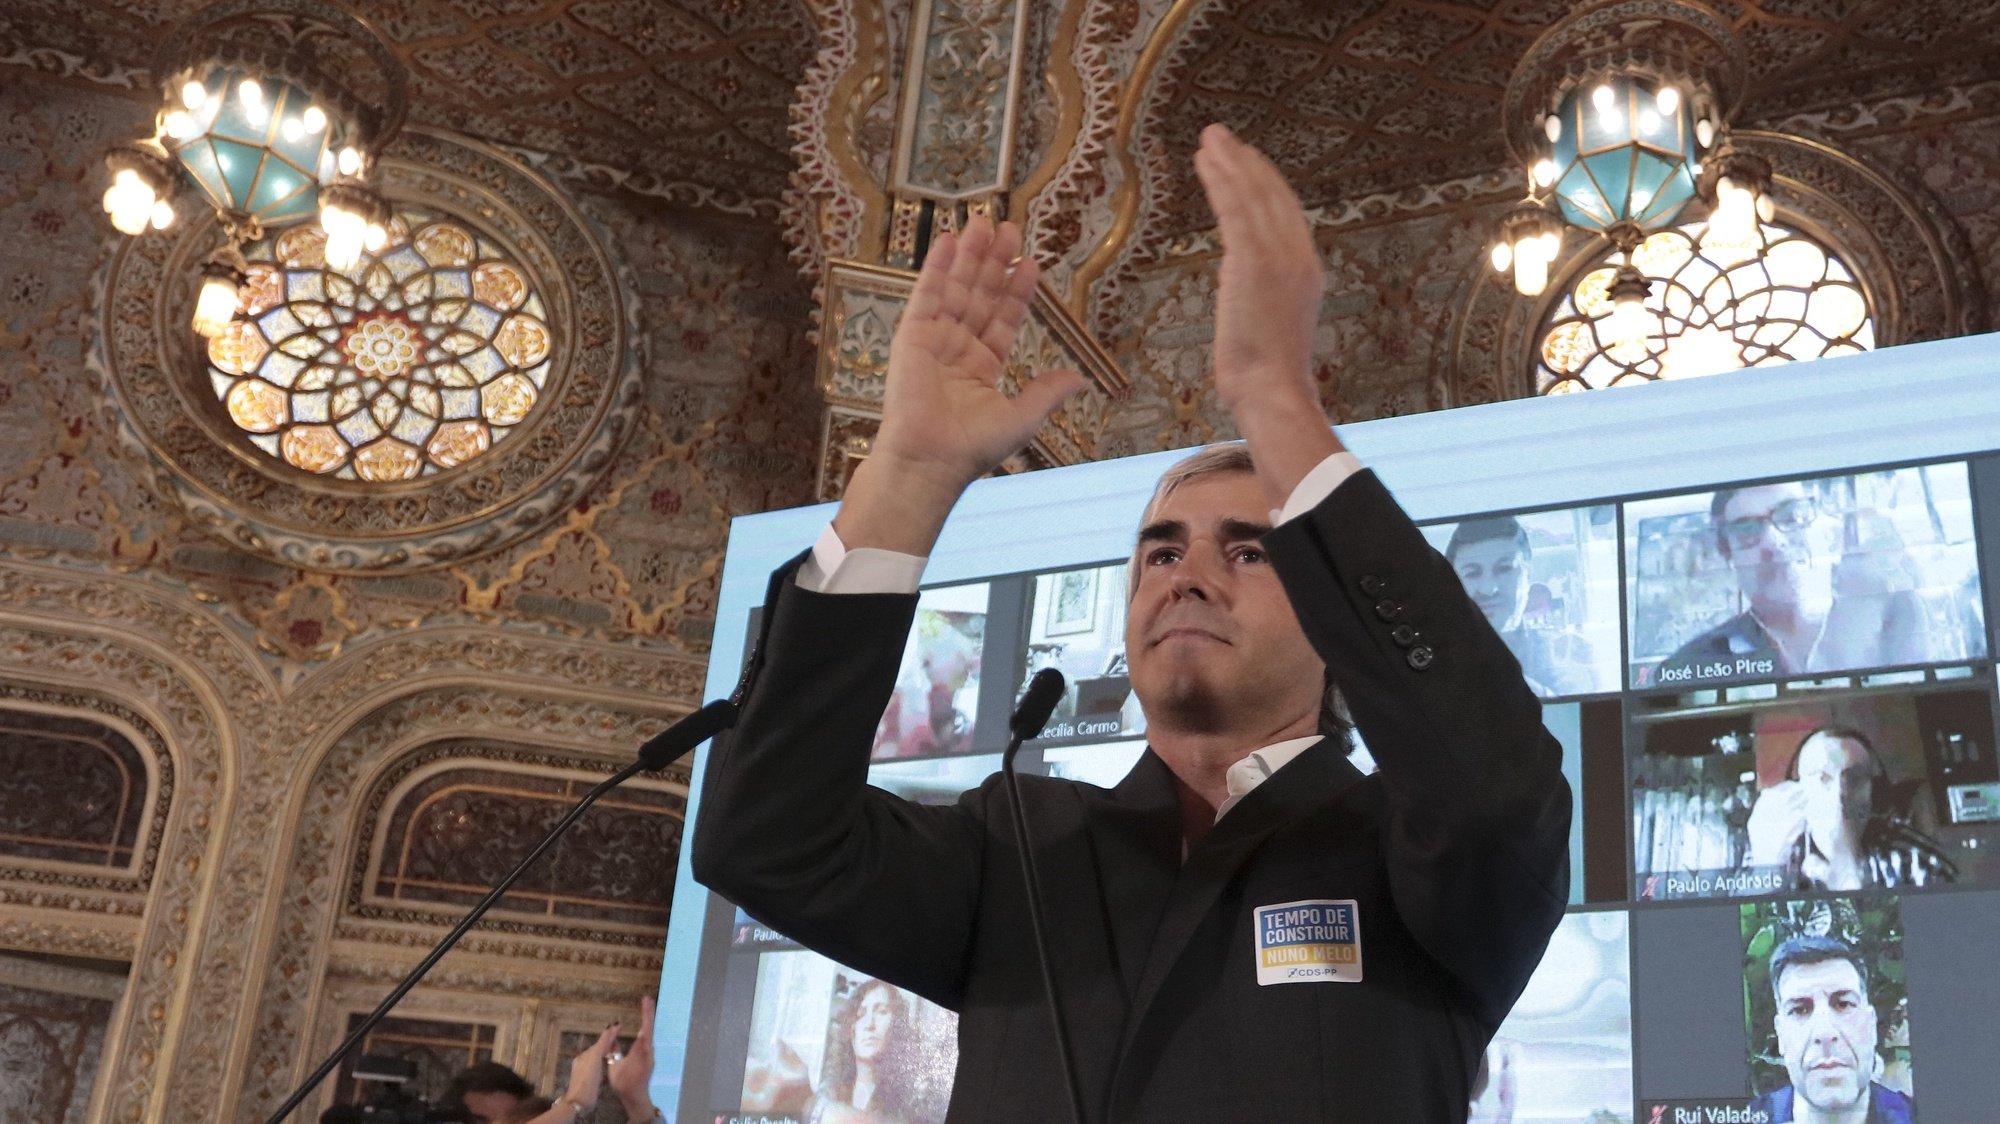 O Eurodeputado do CDS-PP, Nuno Melo, discursa durante a apresentação da sua candidatura à liderança do partido, no Palácio da Bolsa, na cidade do Porto, 9 de outubro de 2021. MANUEL FERNANDO ARAÚJO/LUSA